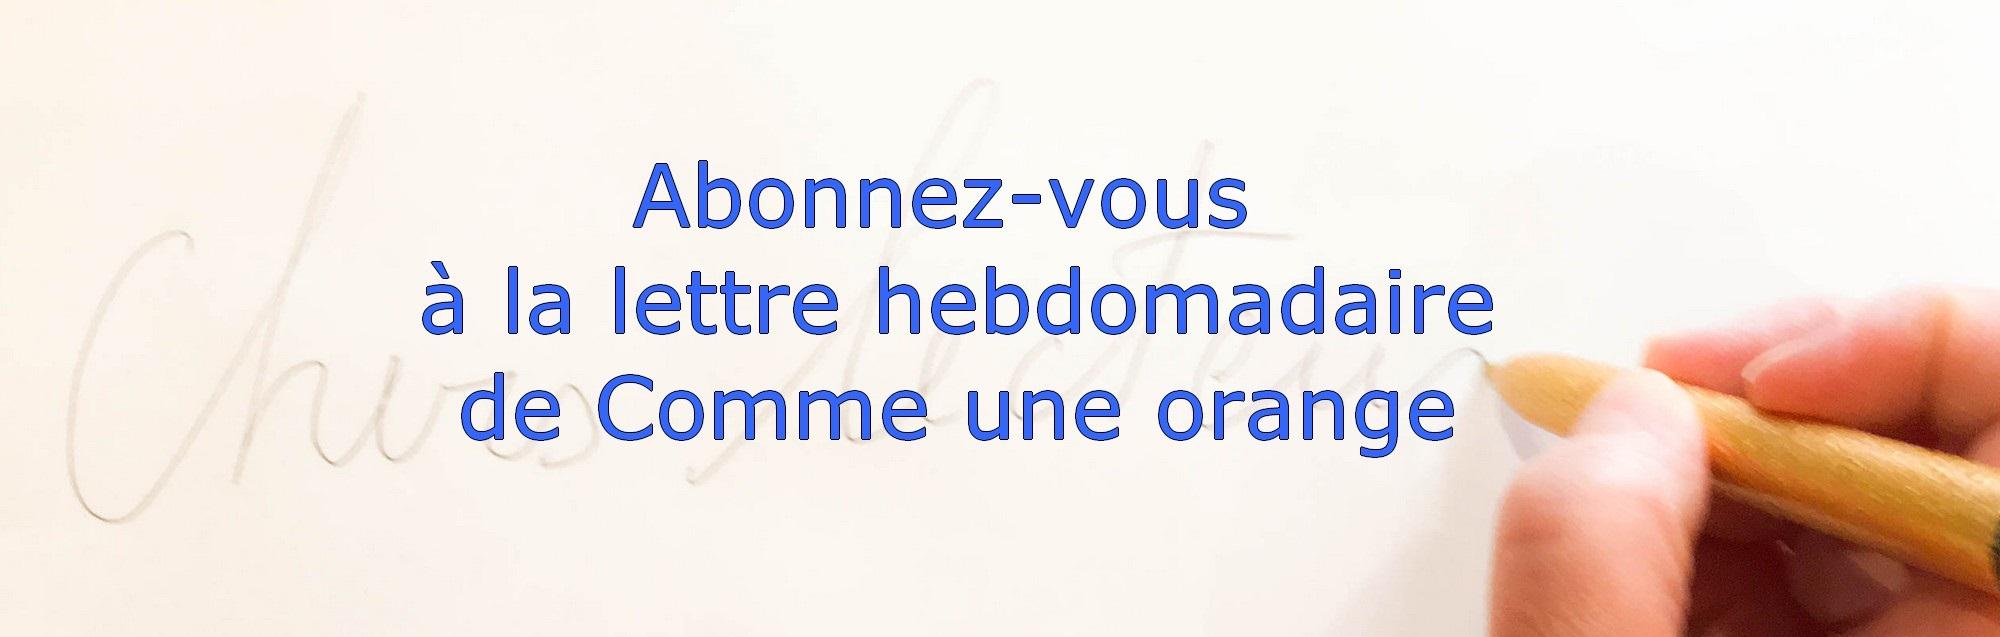 Abonnement newsletter de Comme une orange - librairie paris 17